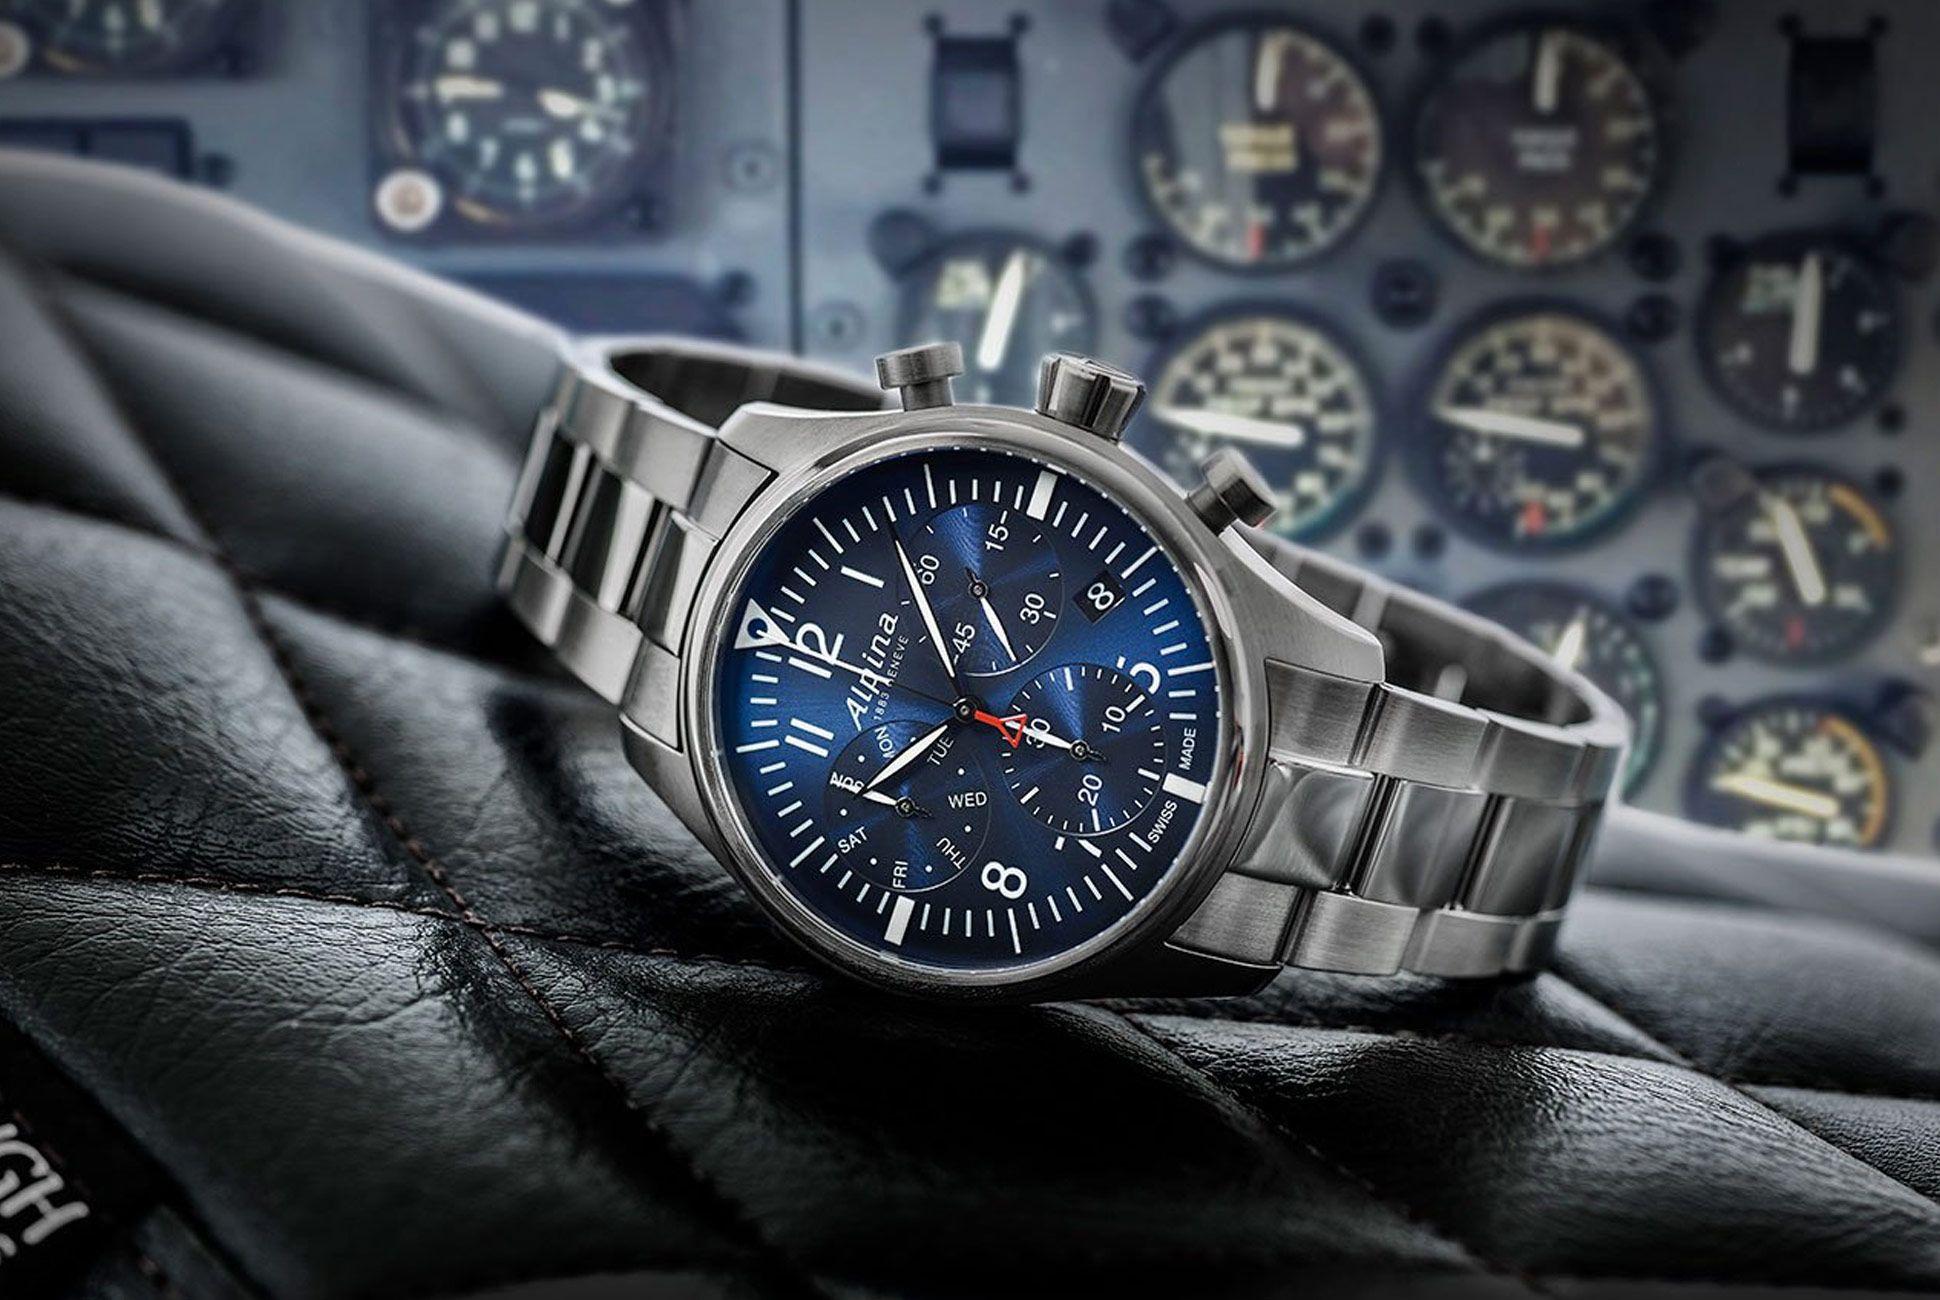 Alpina-Startimer-Pilot-Quartz-Chrono-gear-patrol-3